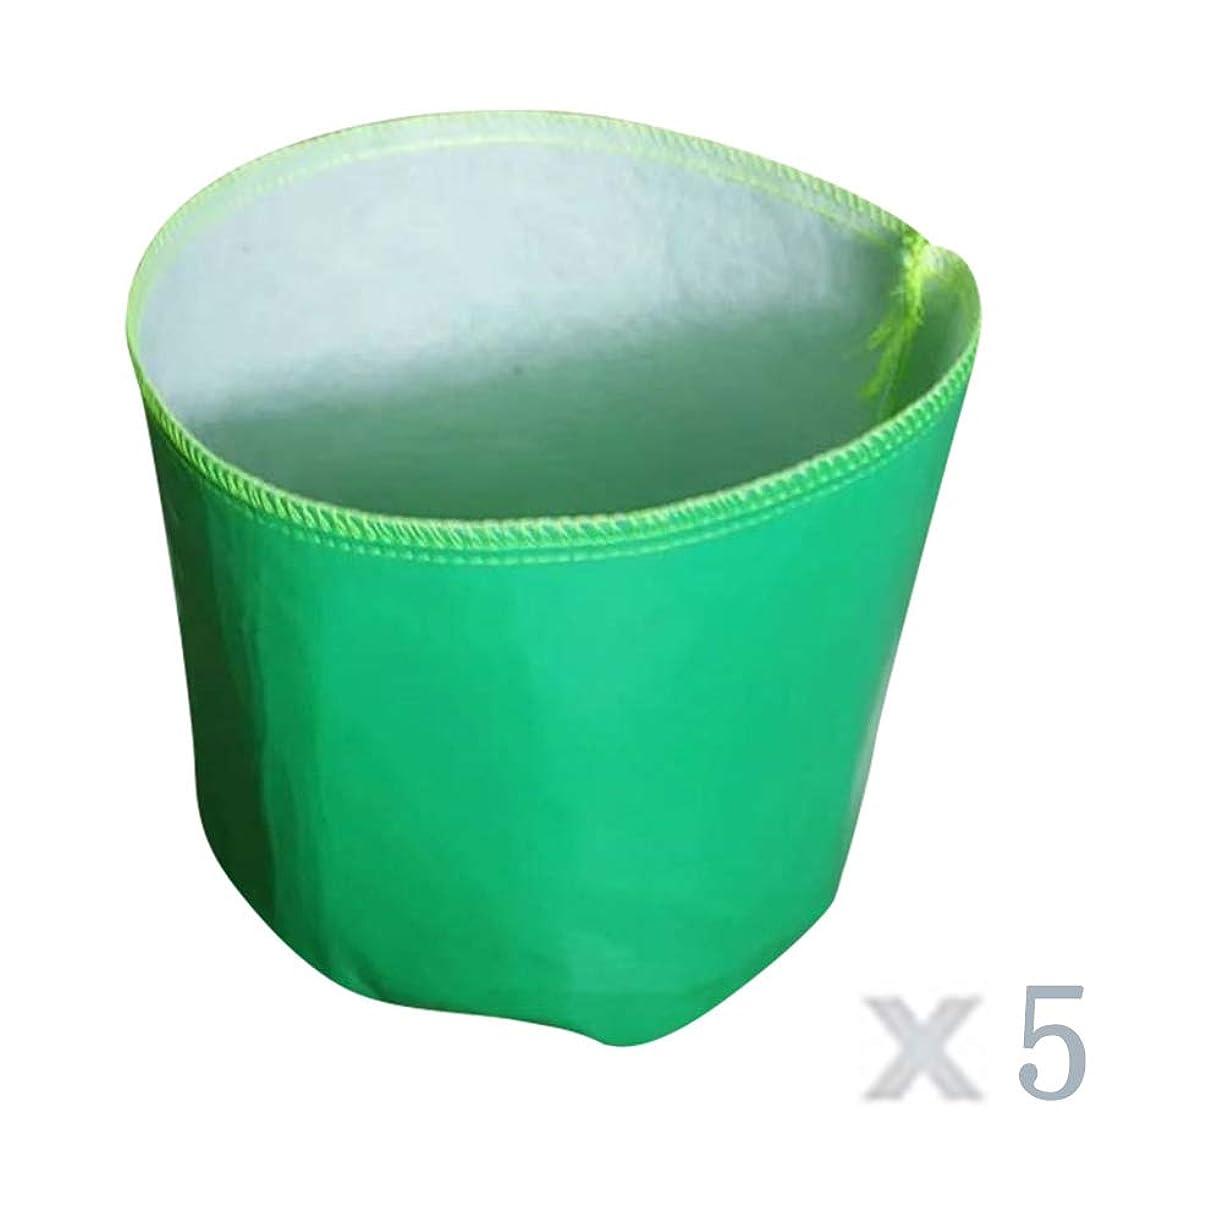 願う優越書き出す成長バッグ ファブリック流域, 5個 不織布 植え付けバッグ 布製容器 ホームガーデニング、バルコニーガーデンに適しています,50*40cm